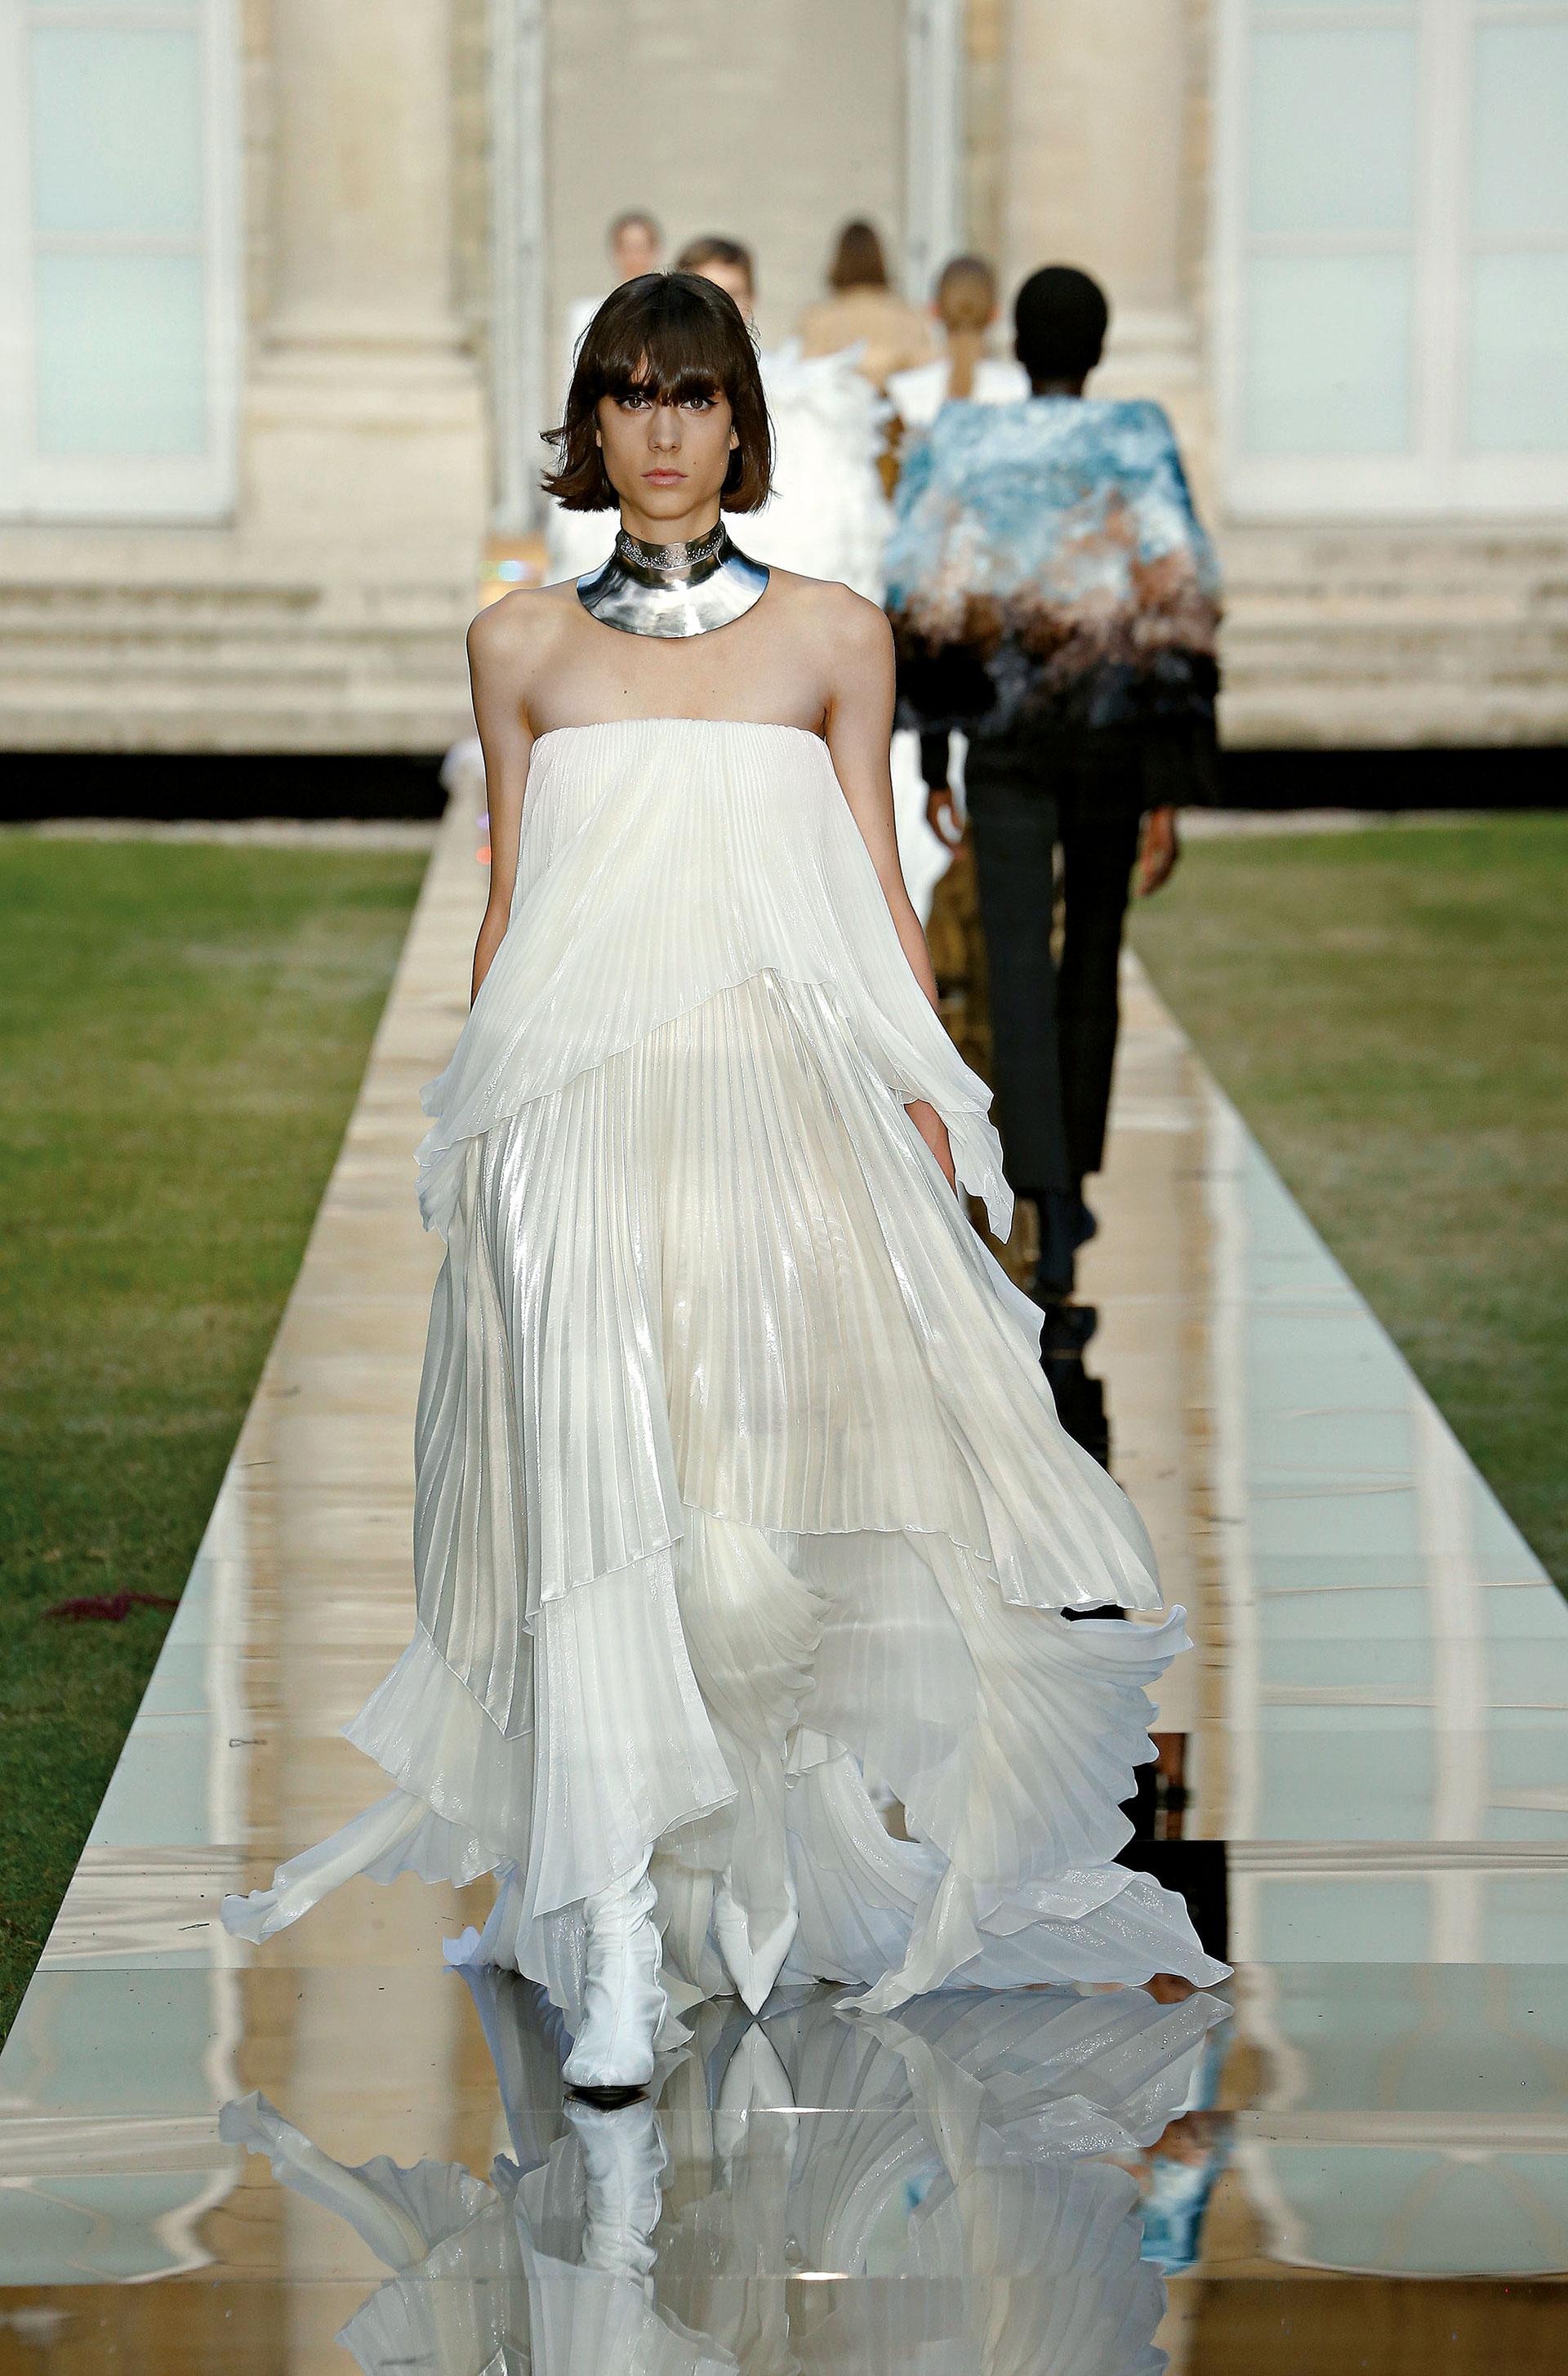 GIVENCHY. Clare Waight Keller rindió homenaje a Hubert de Givenchy con una selección de vestidos inspirados en los modelos clásicos de la firma. (Izq.) La modelo Beatriz Ronda lució un vestido strapless con capas plisadas de corte irregular.